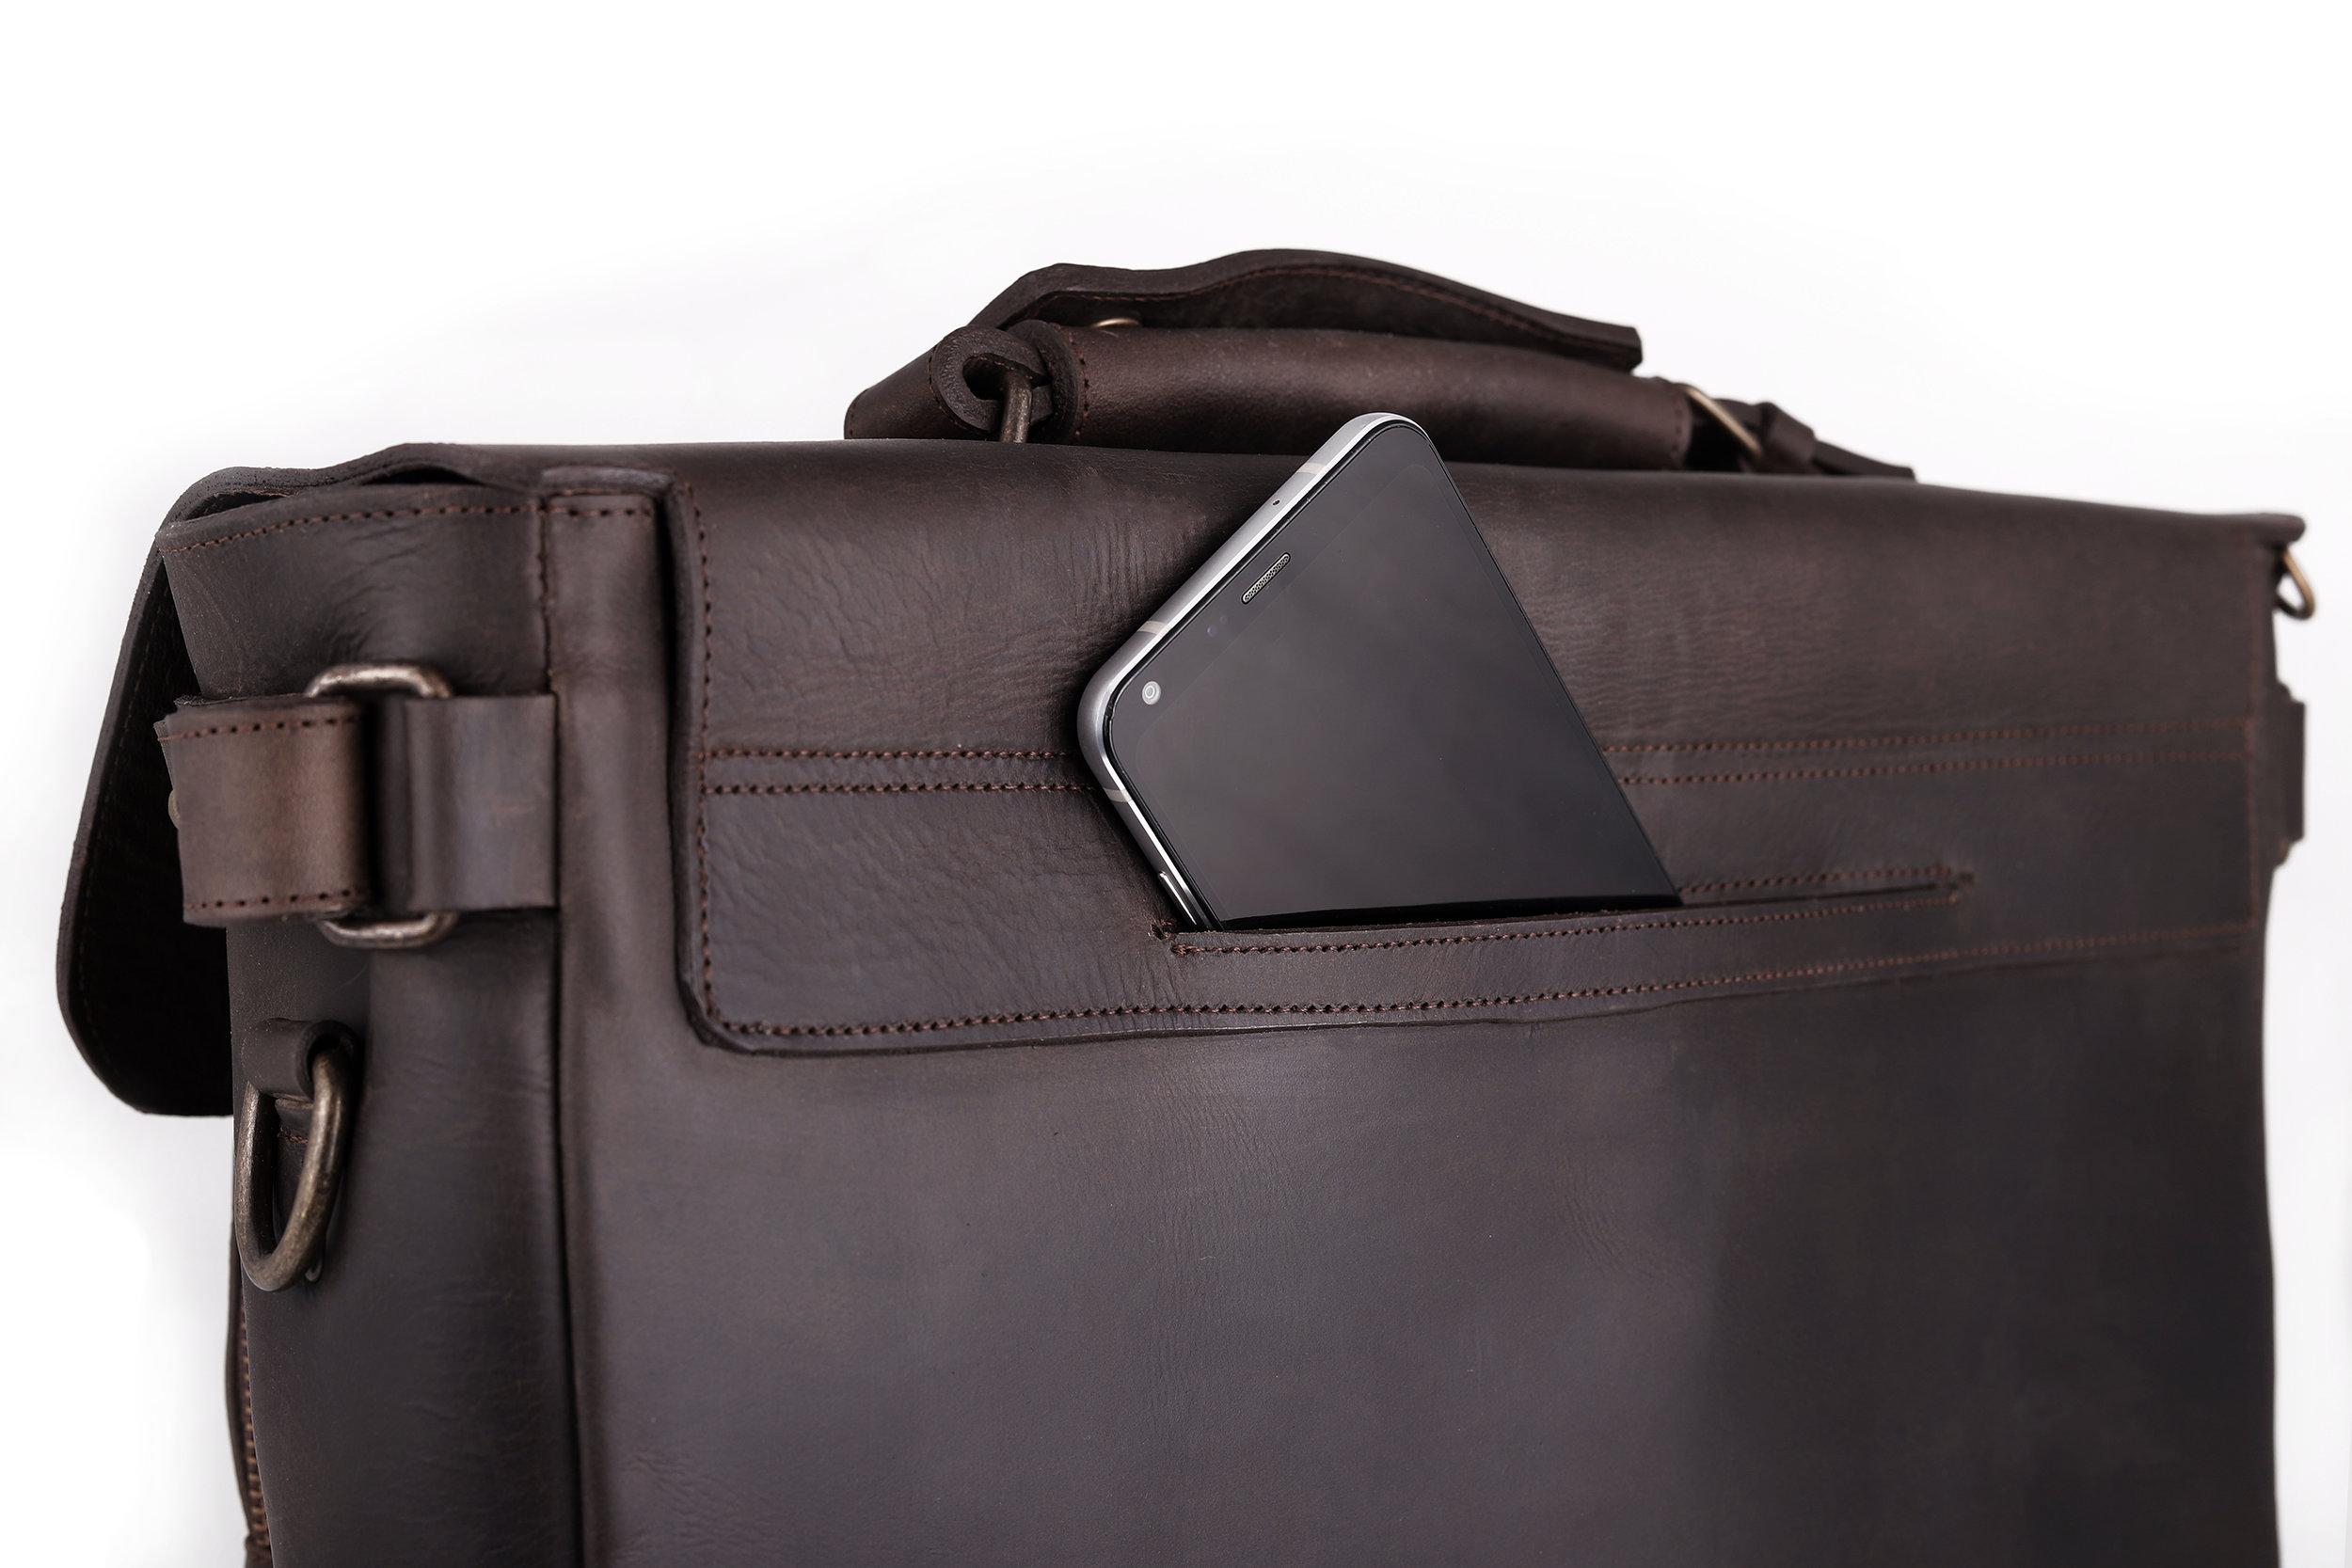 bolsa oculta trasera  acceso FáCIL Y PRáCTICO que te permitirá confiarle tu celular, llaves, e inclusive tu cartera.